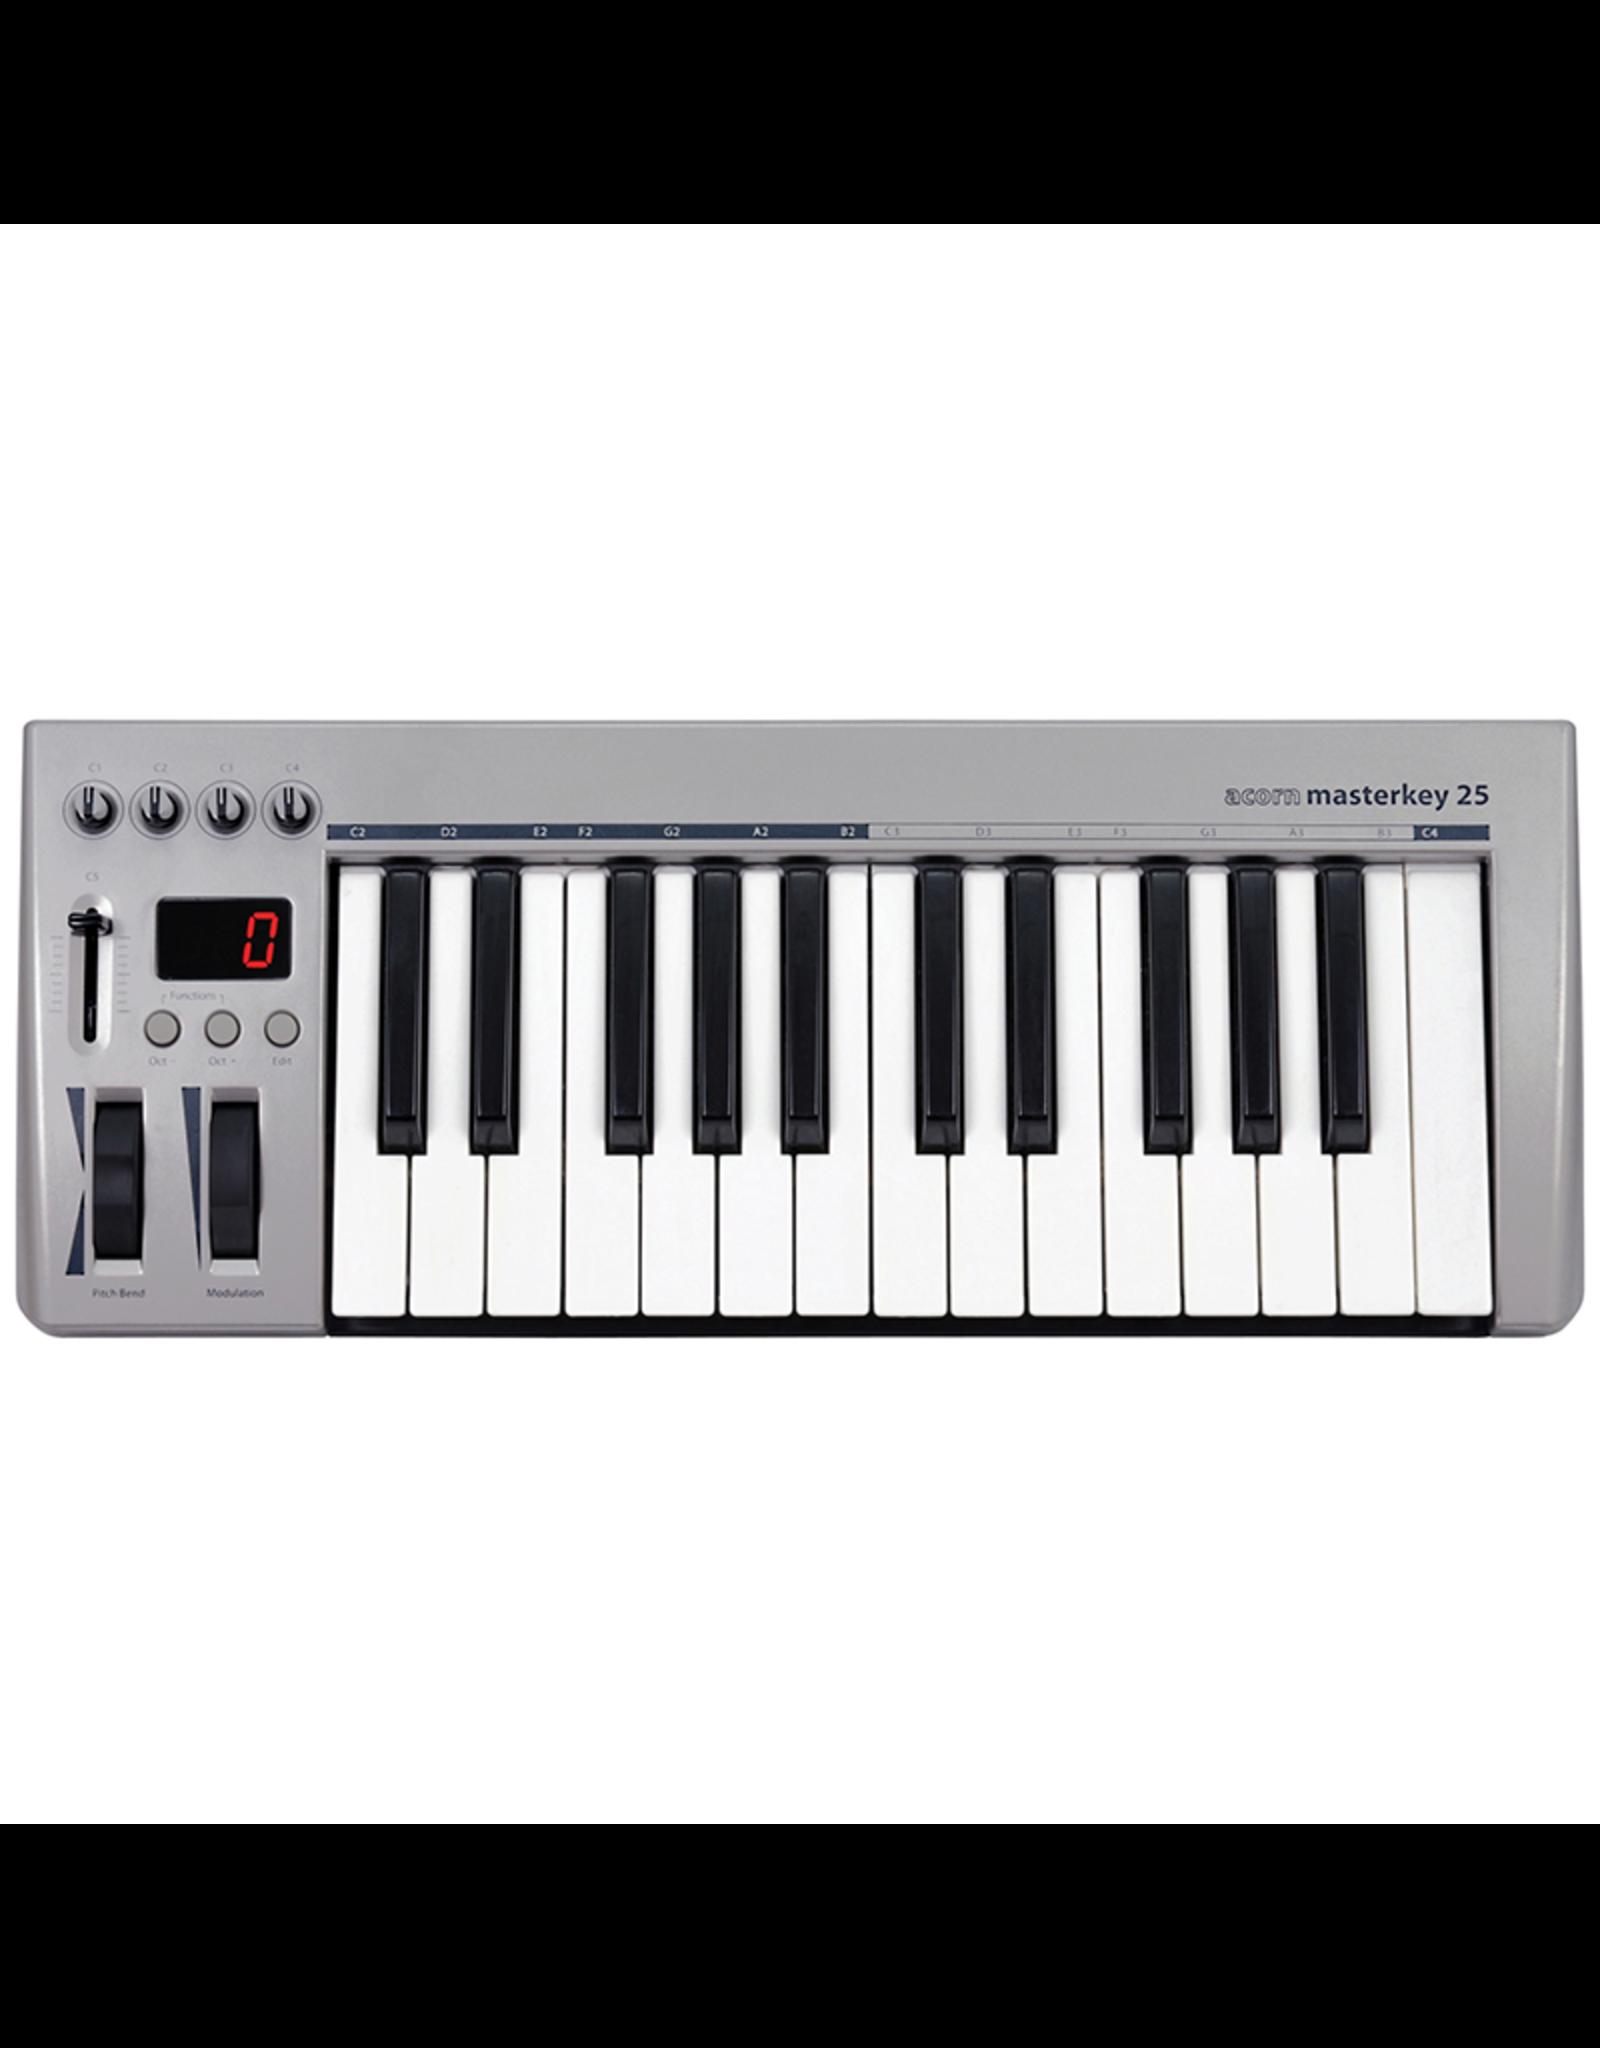 Nektar Acorn Masterkey 25 USB Portable Controller Keyboard